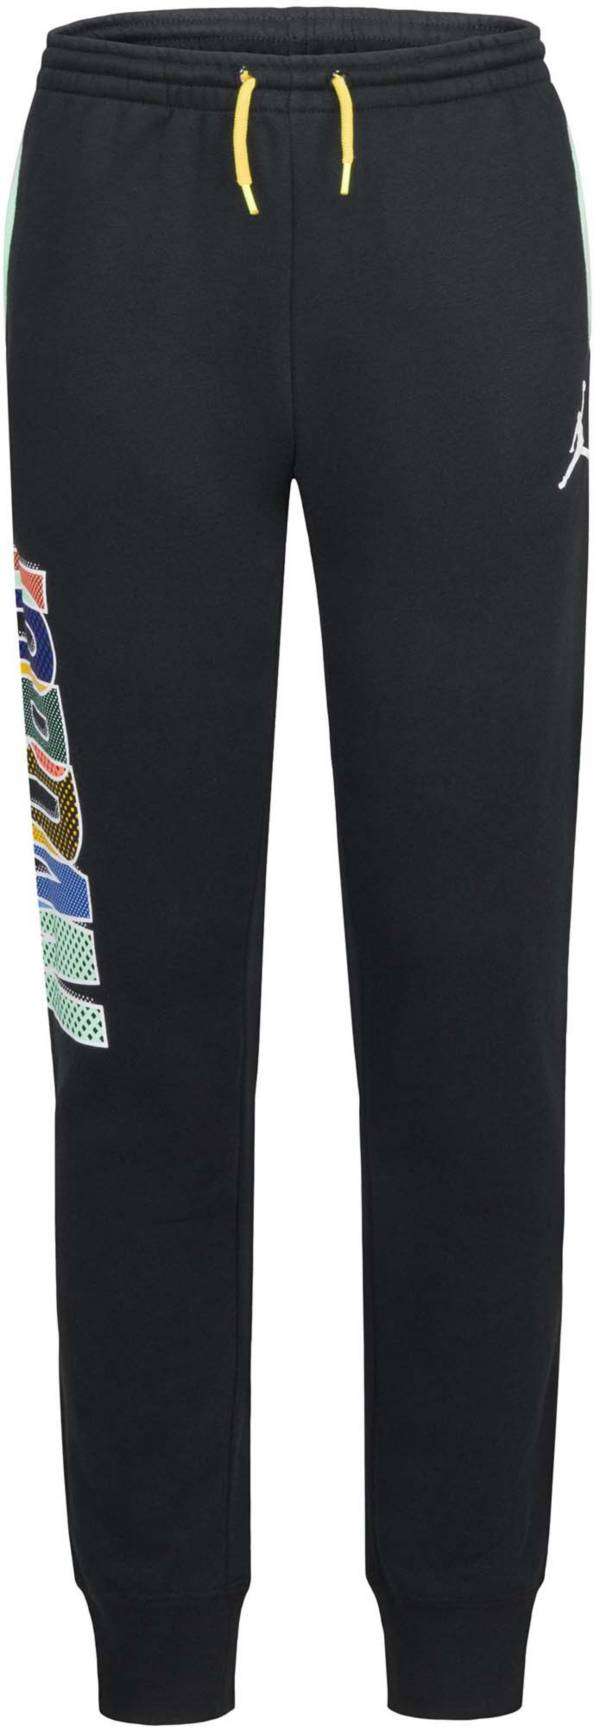 Jordan Boys' Mismatch Fleece Jogger Pants product image